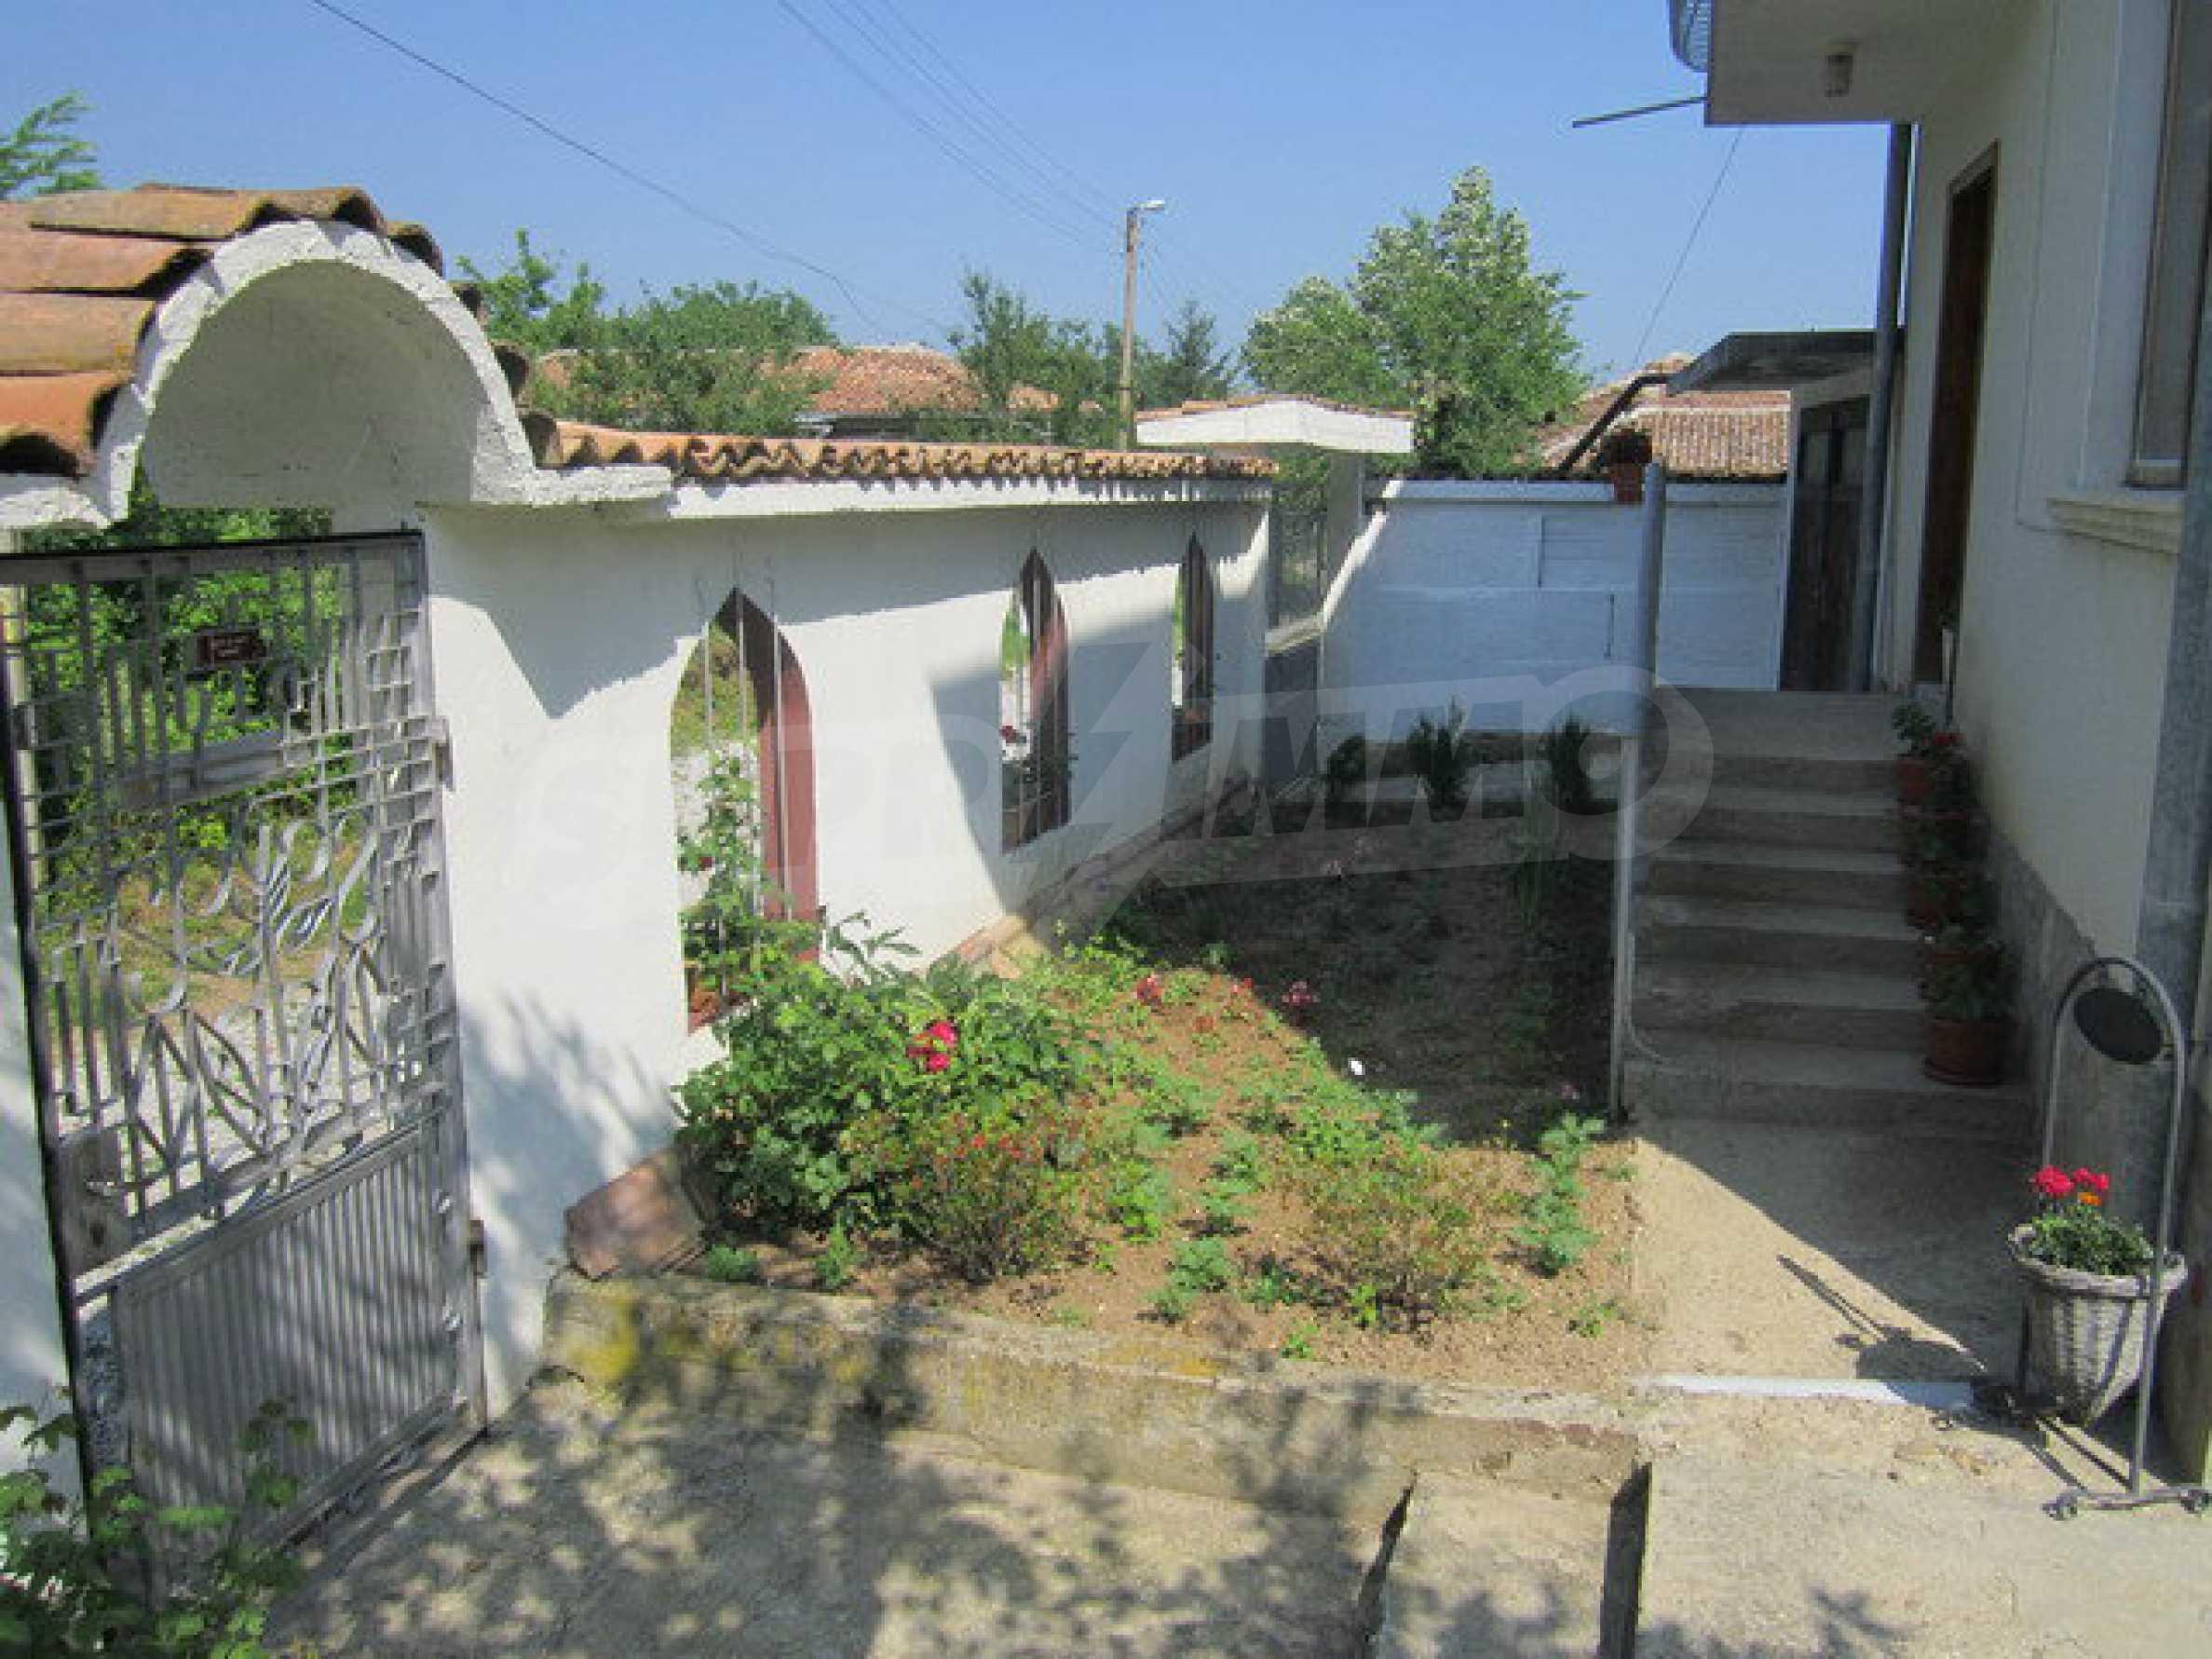 Geräumiges ländliches Anwesen mit einem Garten 20 km. von Veliko Tarnovo 32